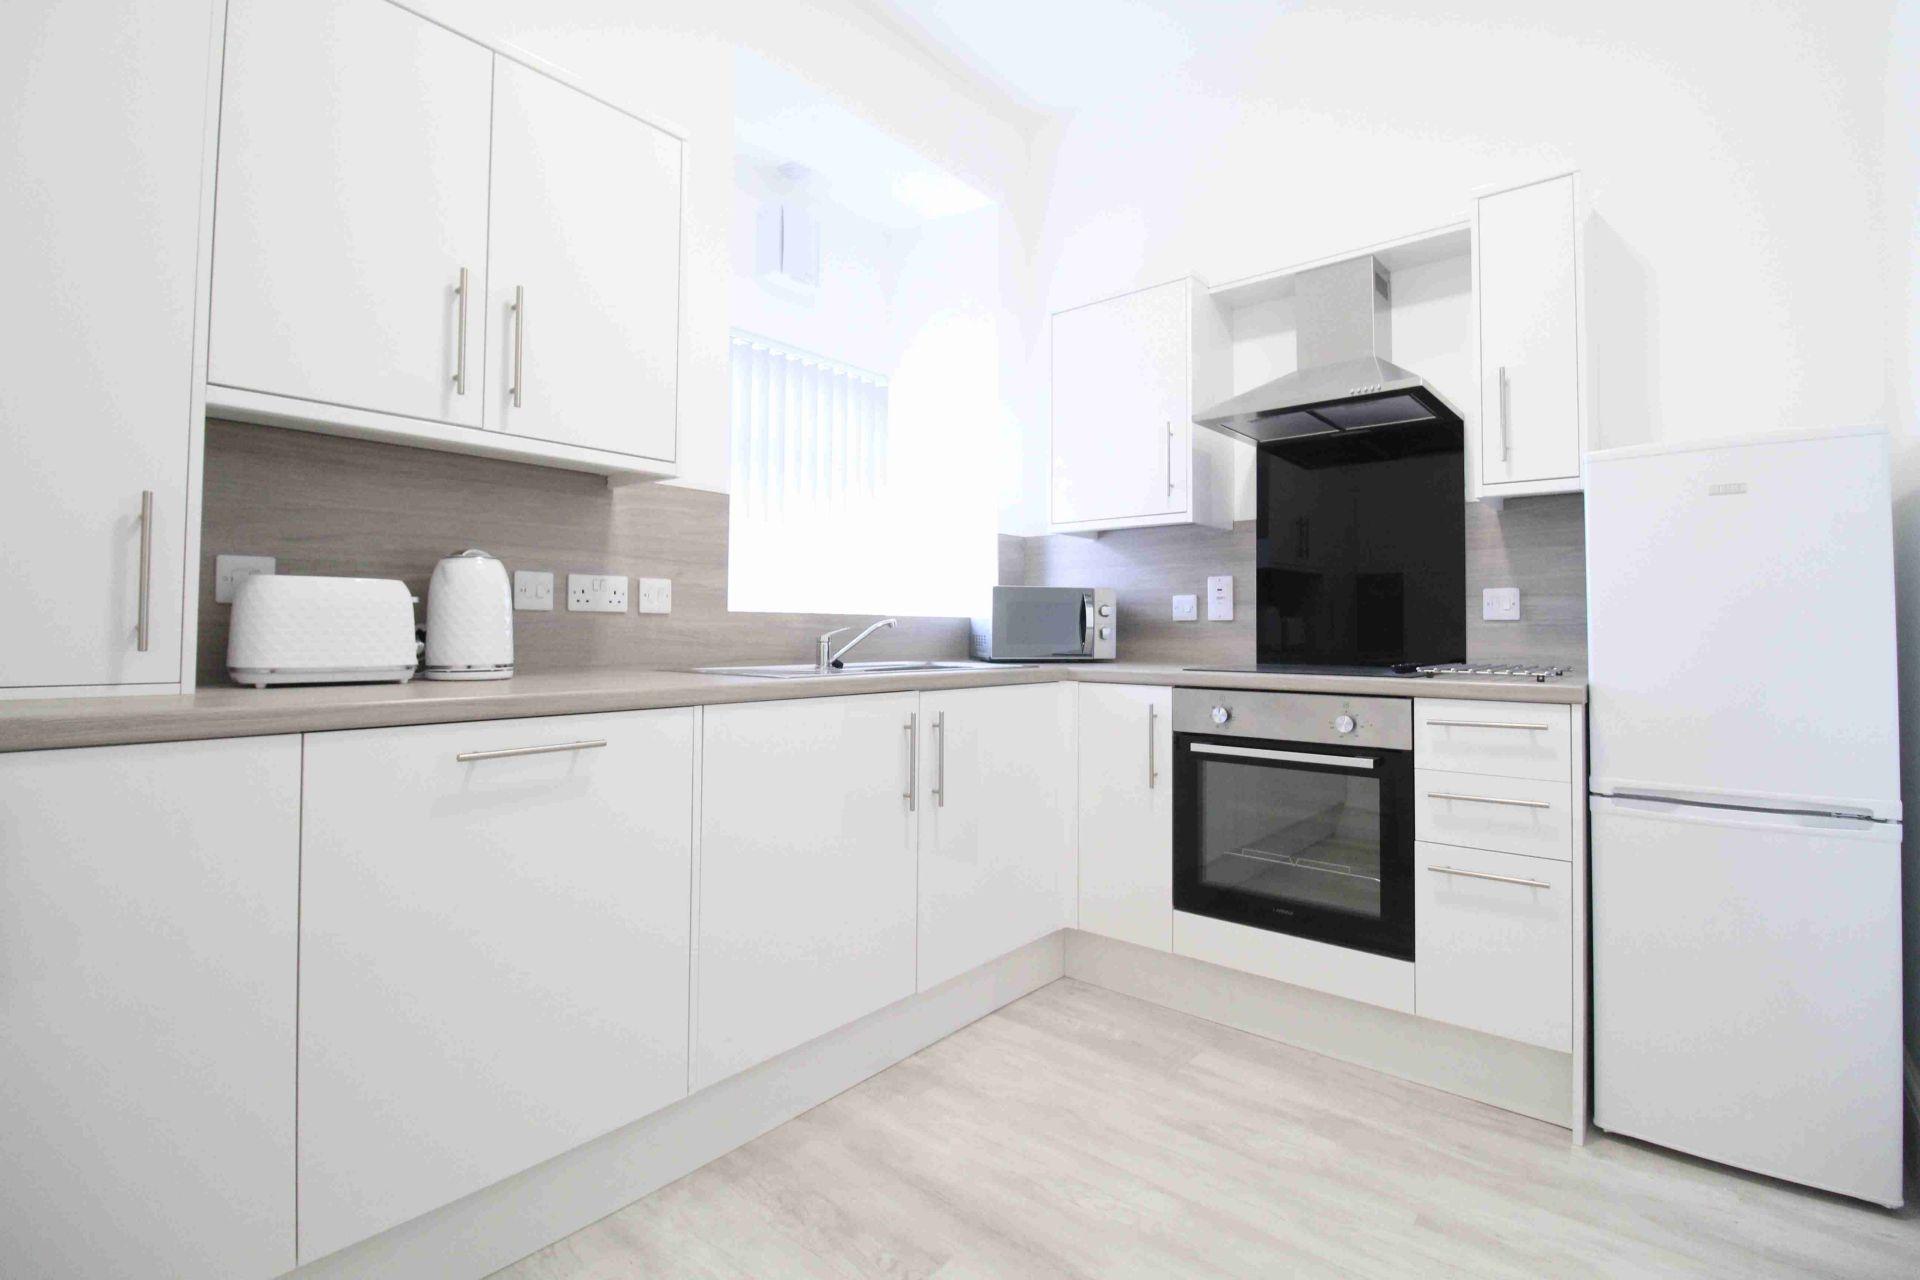 ARD-Properties-Development-Sites-Buy-Homes-Rent-Aberdeenshire-Rentals-Apartment-A-Loanhead-Terrace-Aberdeen-Banner (4)